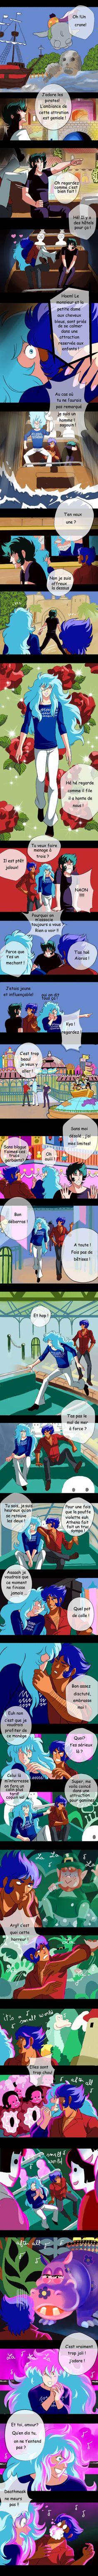 Saintseiya parodie 12 part 5 by Korin2b.deviantart.com on @DeviantArt